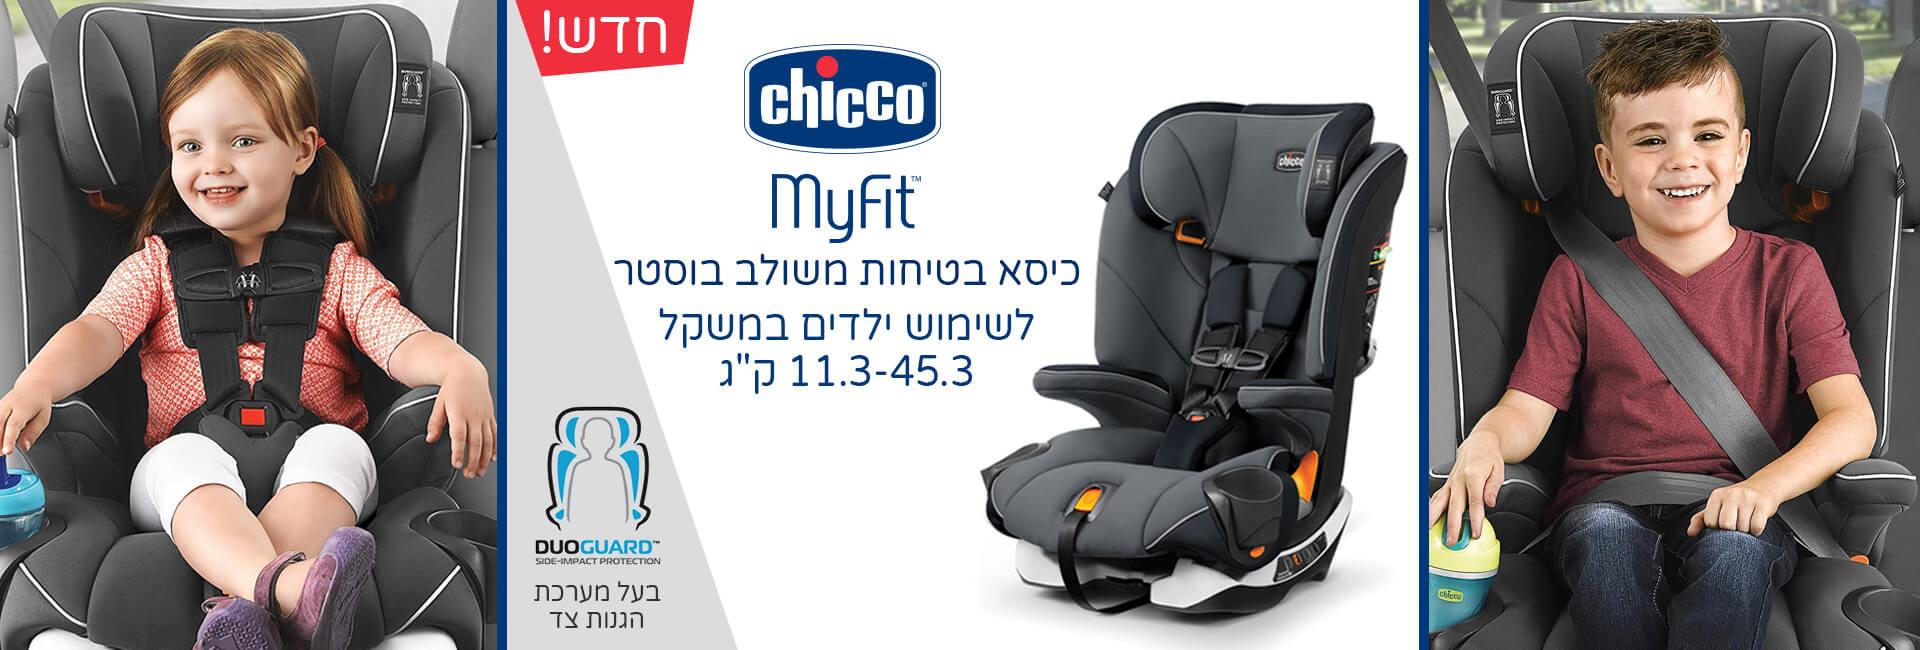 MyFit - כסא בטיחות לילד משולב בוסטר